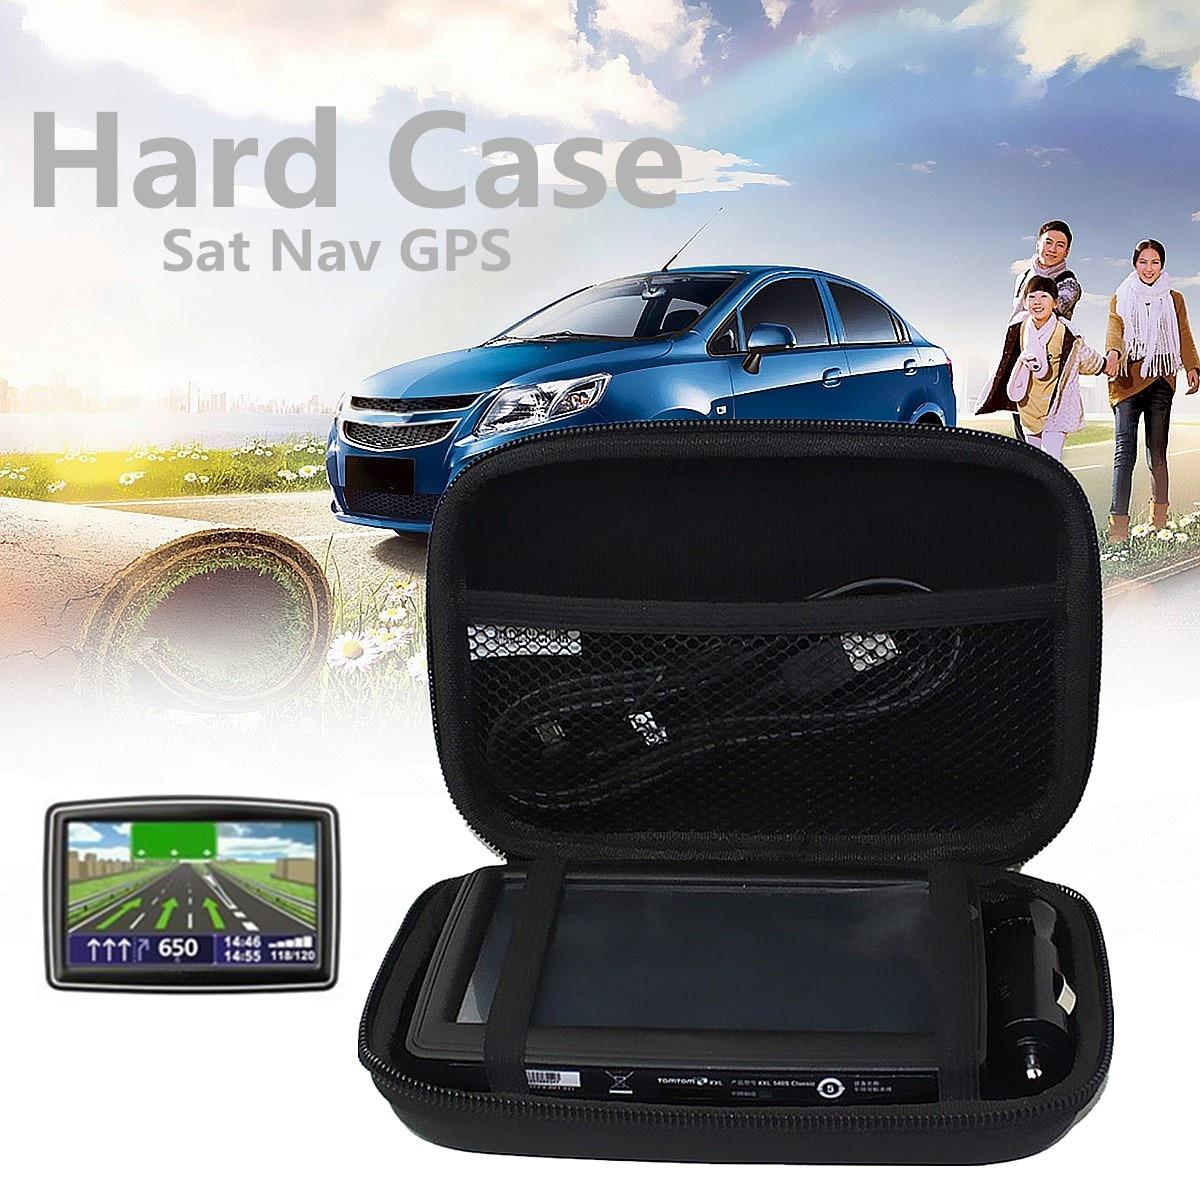 5 pouces coque rigide de stockage housse de transport voiture GPS Navigation sac de protection pochette pour TomTom/Sat/Nav/GO 5100 5000 510 500